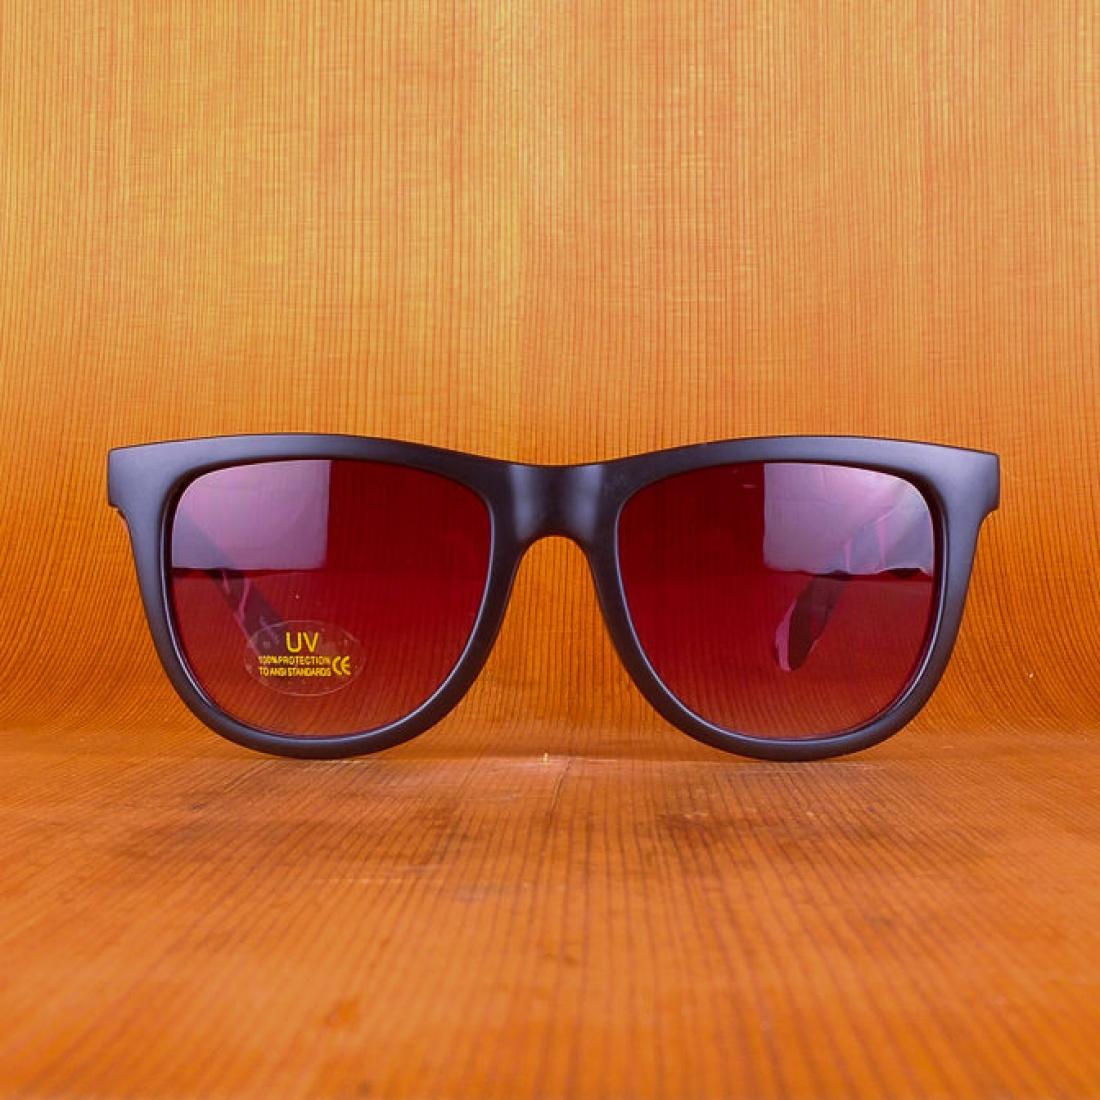 IND-Incognito Sunglasses Black/Camo OS Unisex